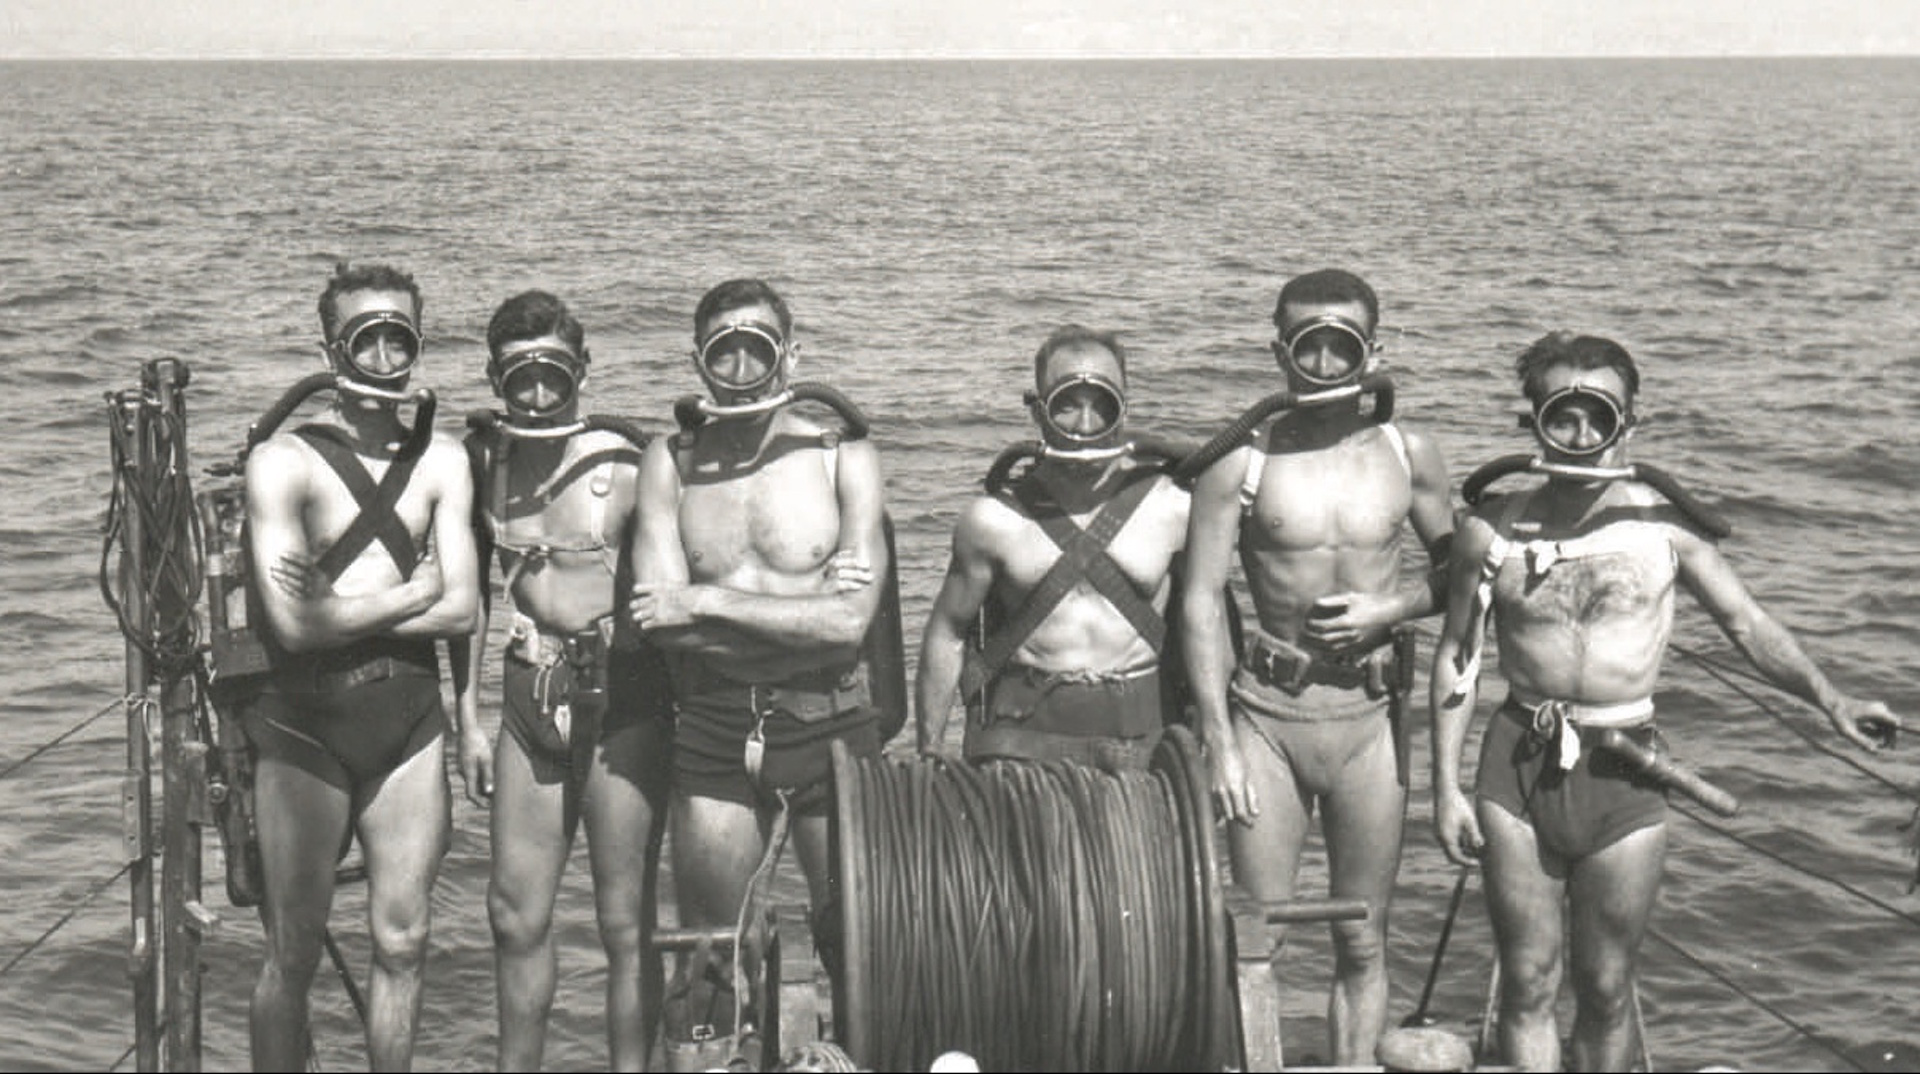 Video: L'avventura del cinema sott'acqua, la seconda guerra mondiale e la rivoluzione dell'erogatore Cousteau-Gagnan - parte I  di Marina Cappabianca